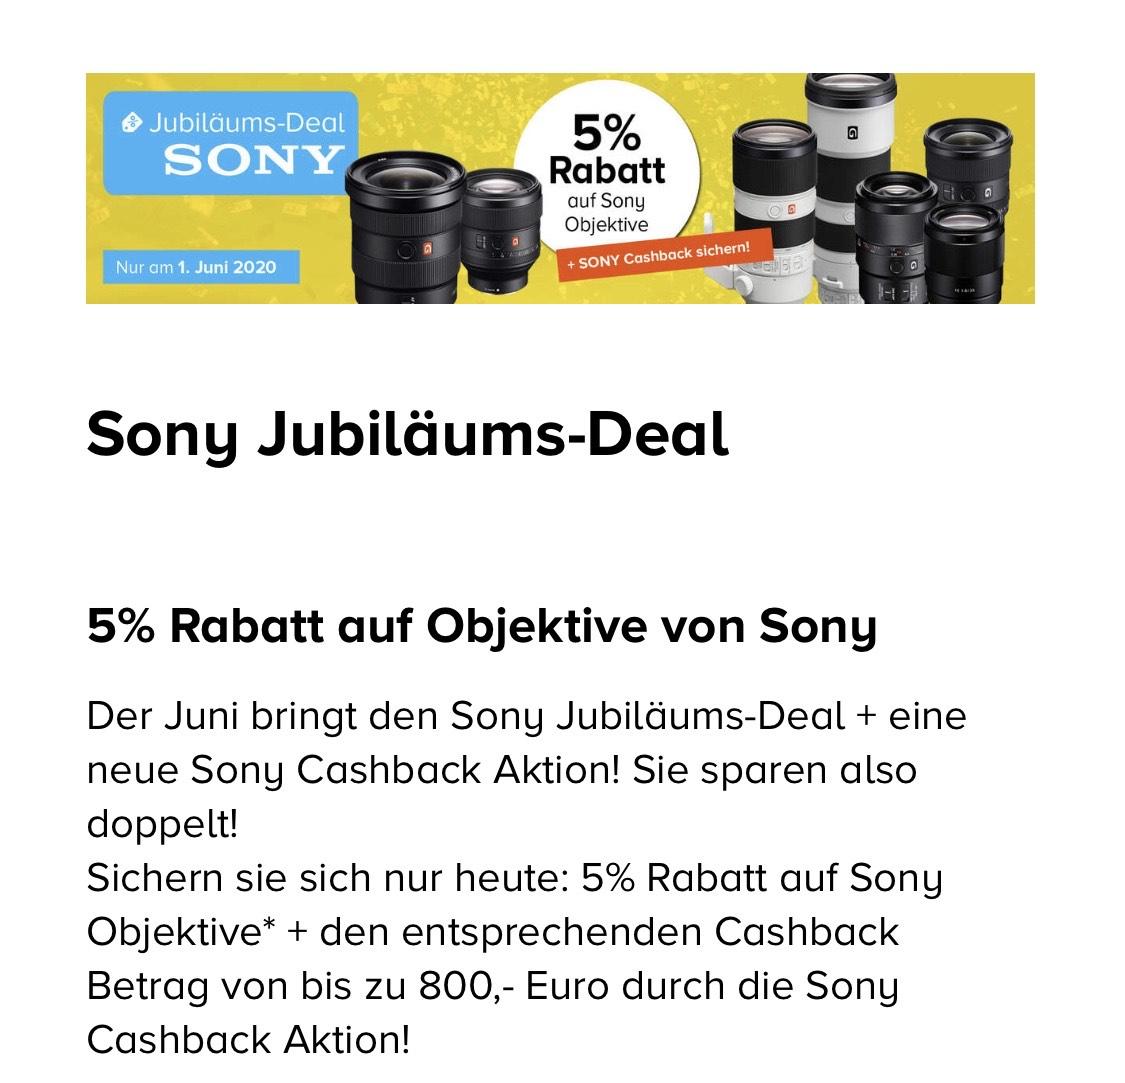 5% Rabatt auf Sony Objektive + Cashback - Jubiläums Deal bei Foto Koch